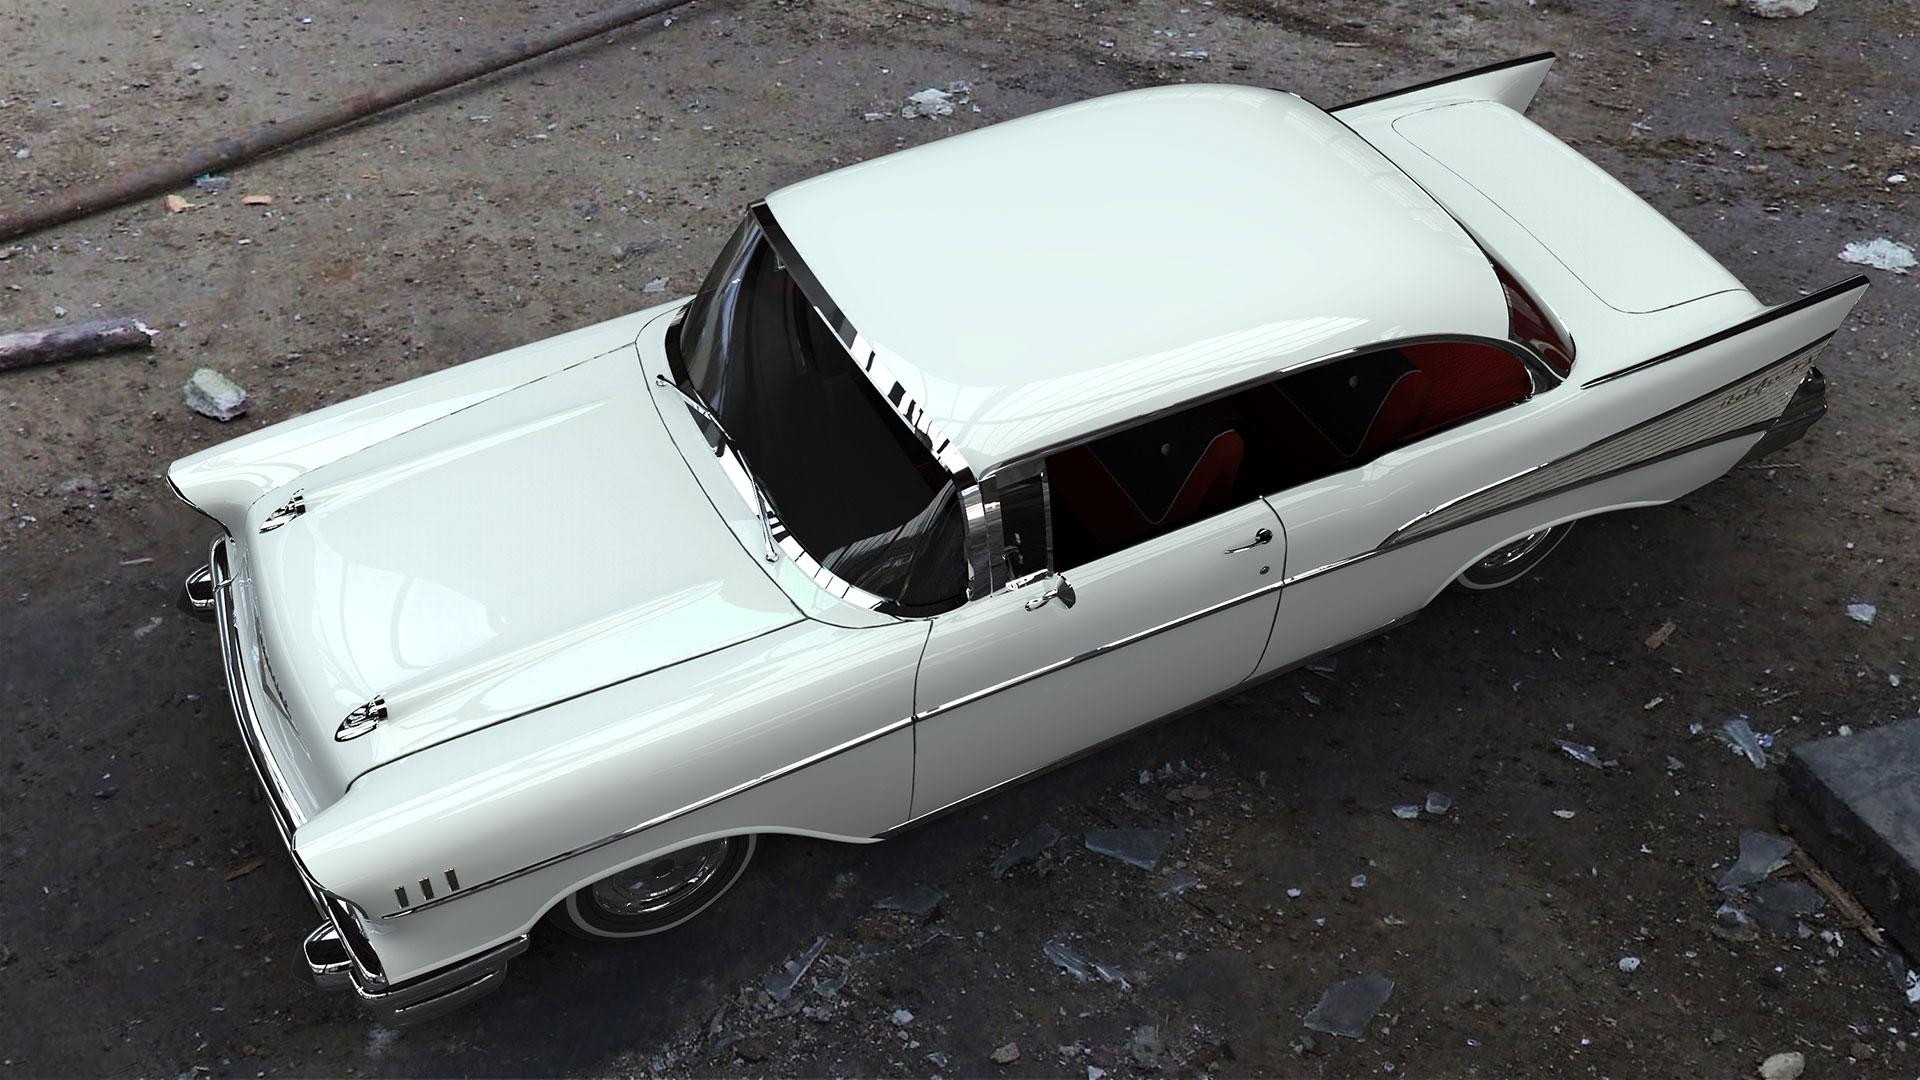 Chevrolet_Bel_Air_1957_Top